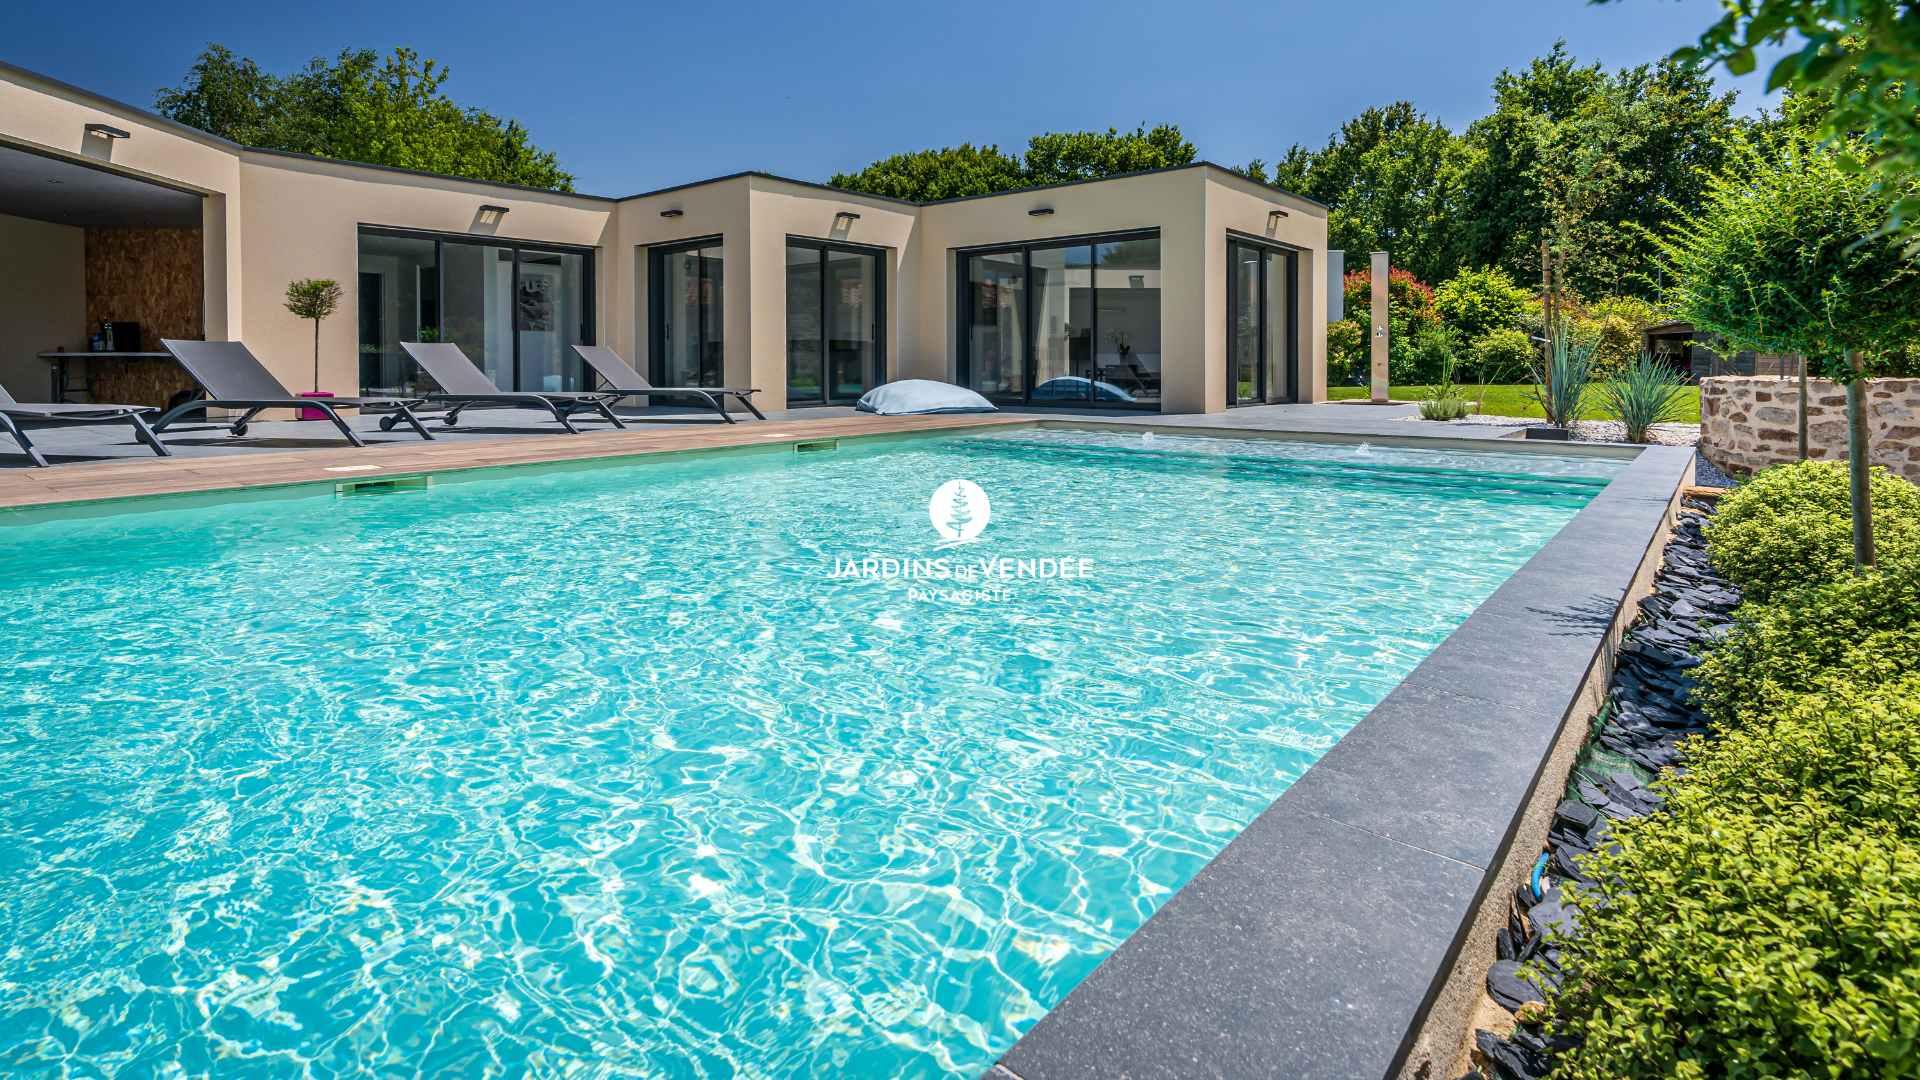 jardinsdevendee-nosrealisations-piscine6-compressed